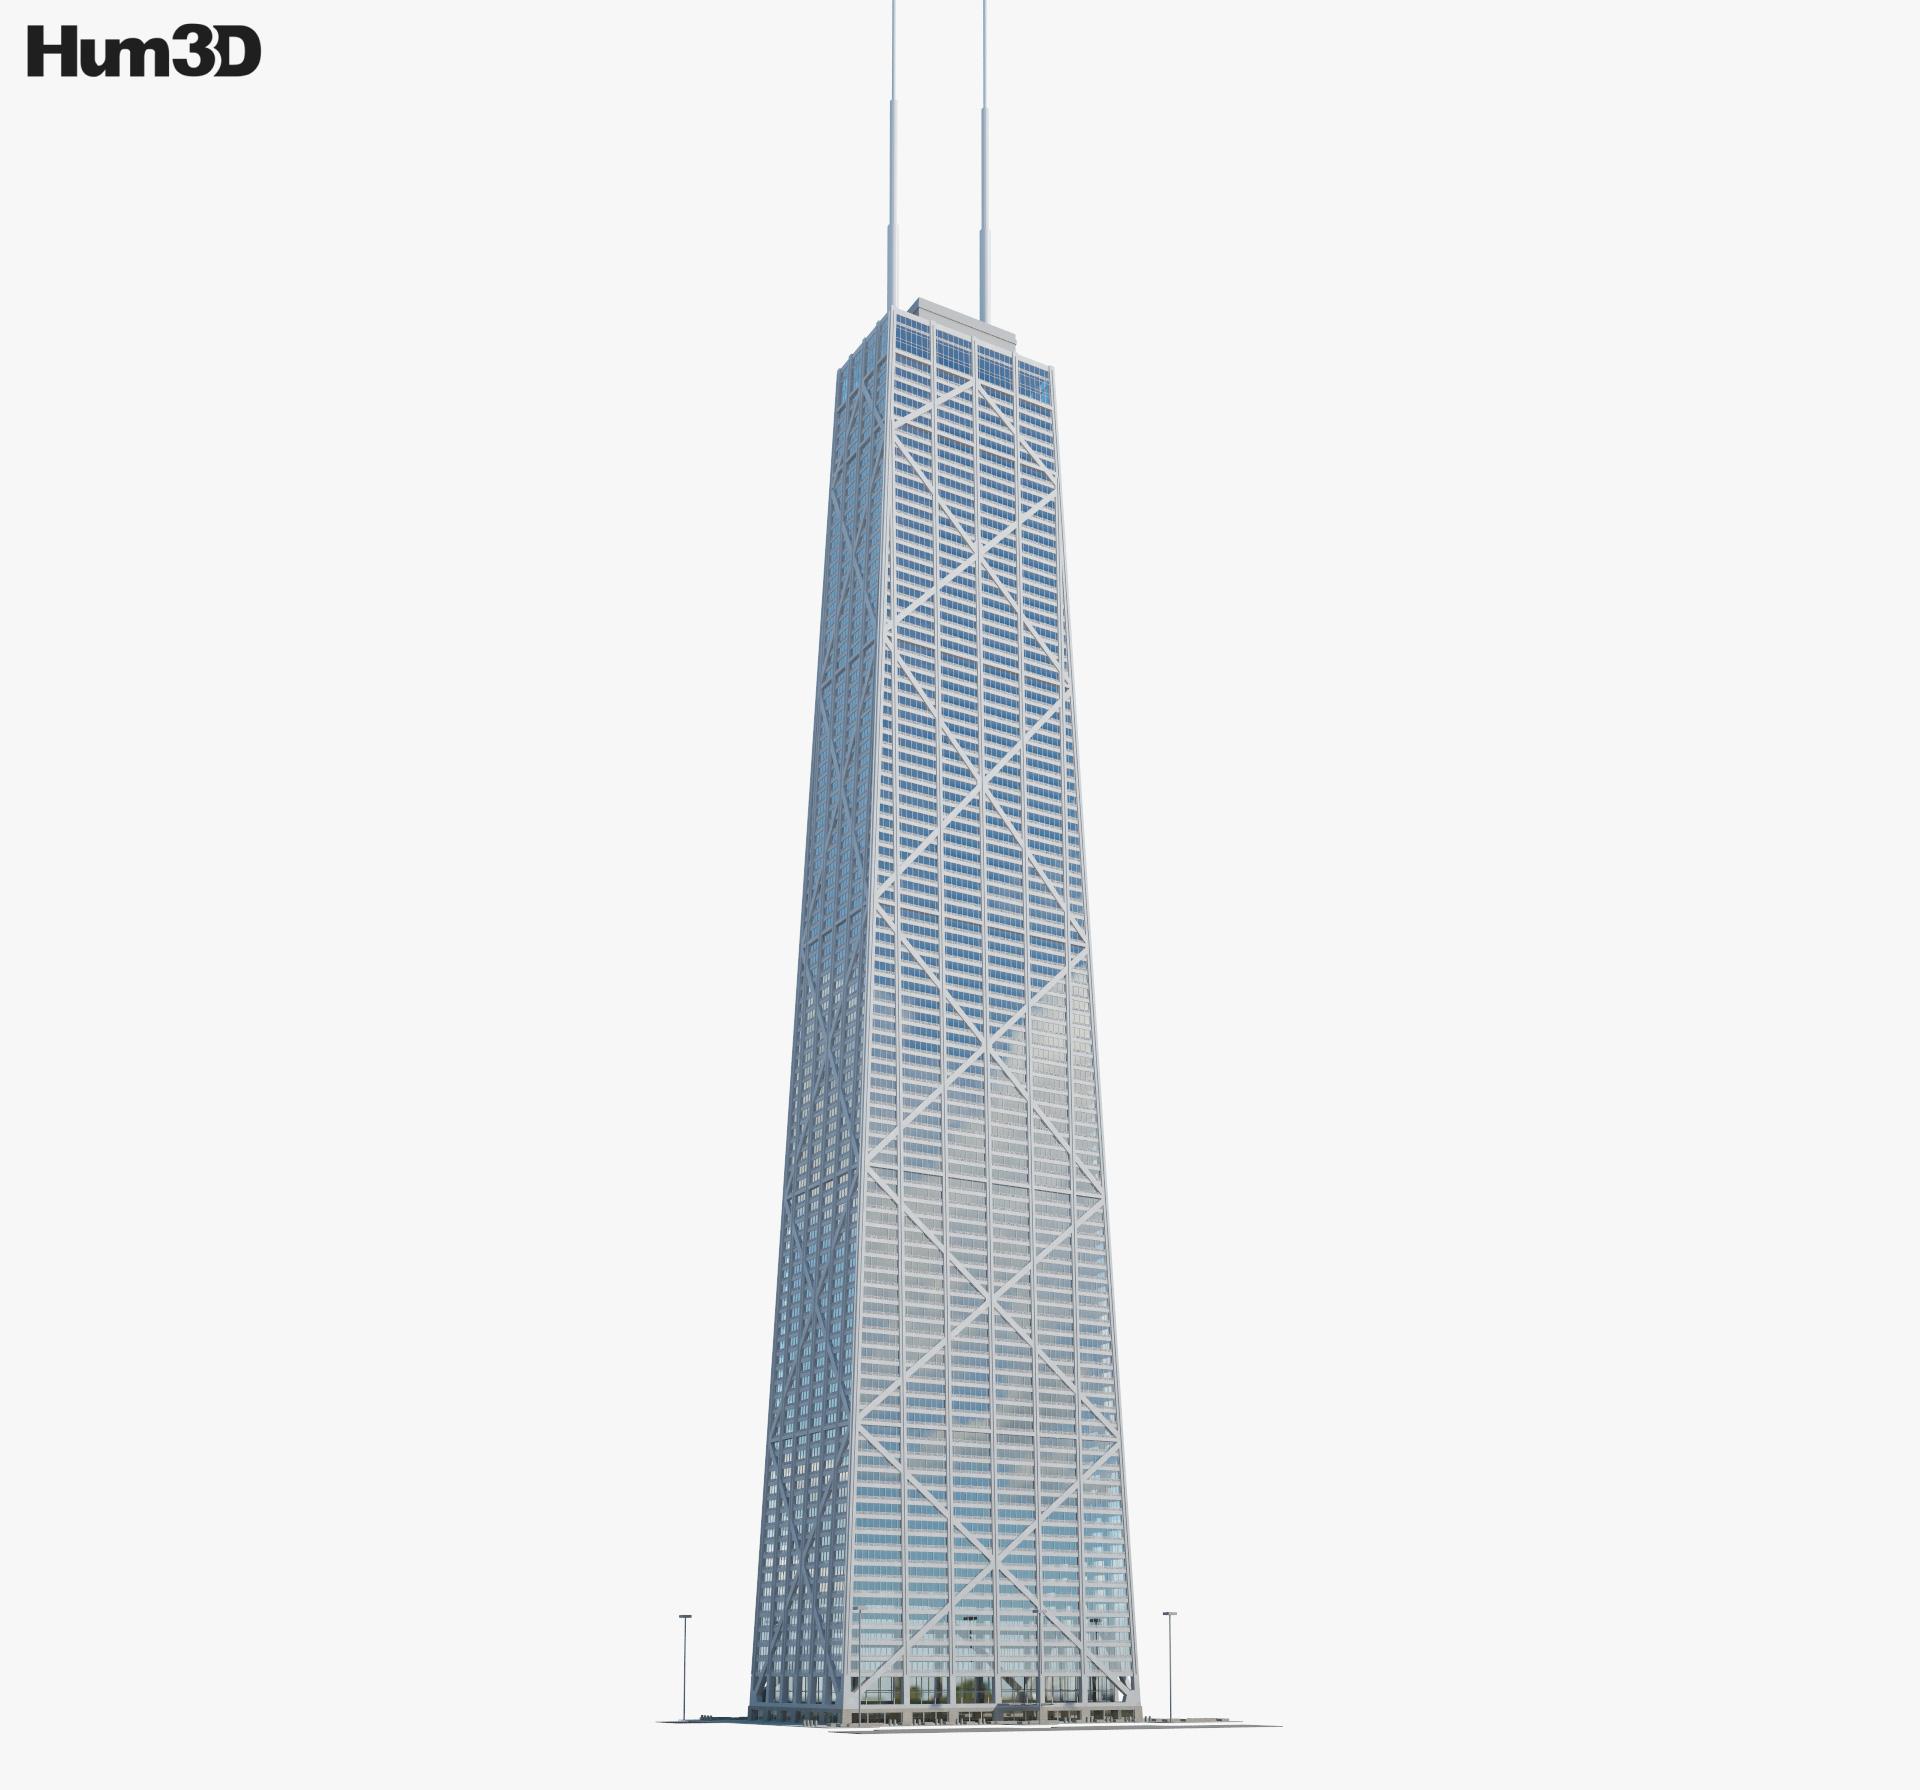 3D model of John Hancock Center